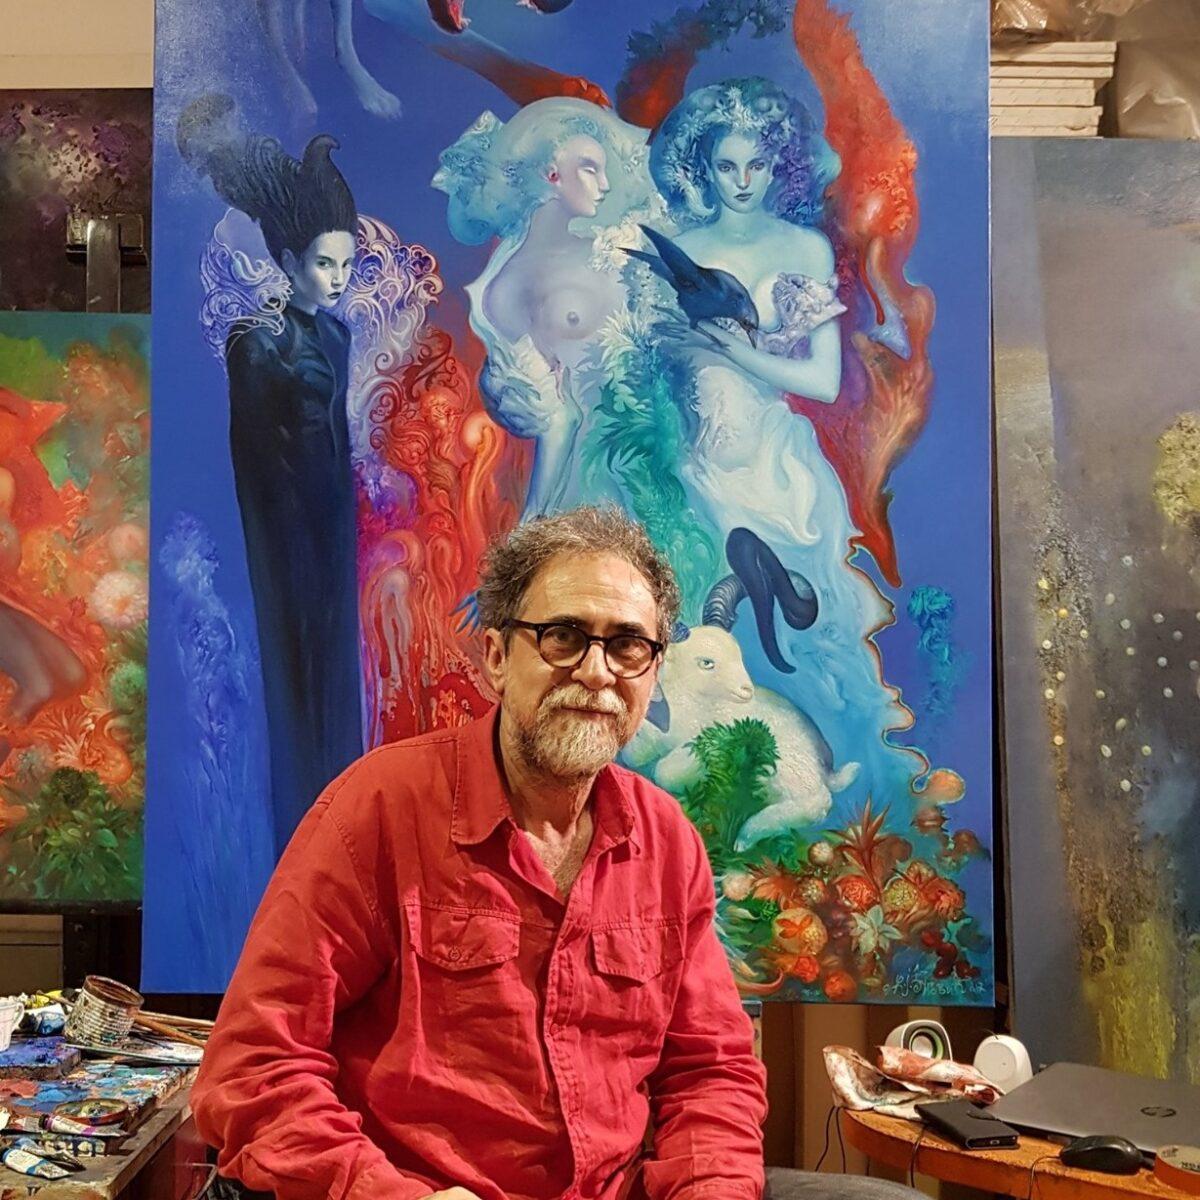 Interview with the Artist Zeljko Djurovic